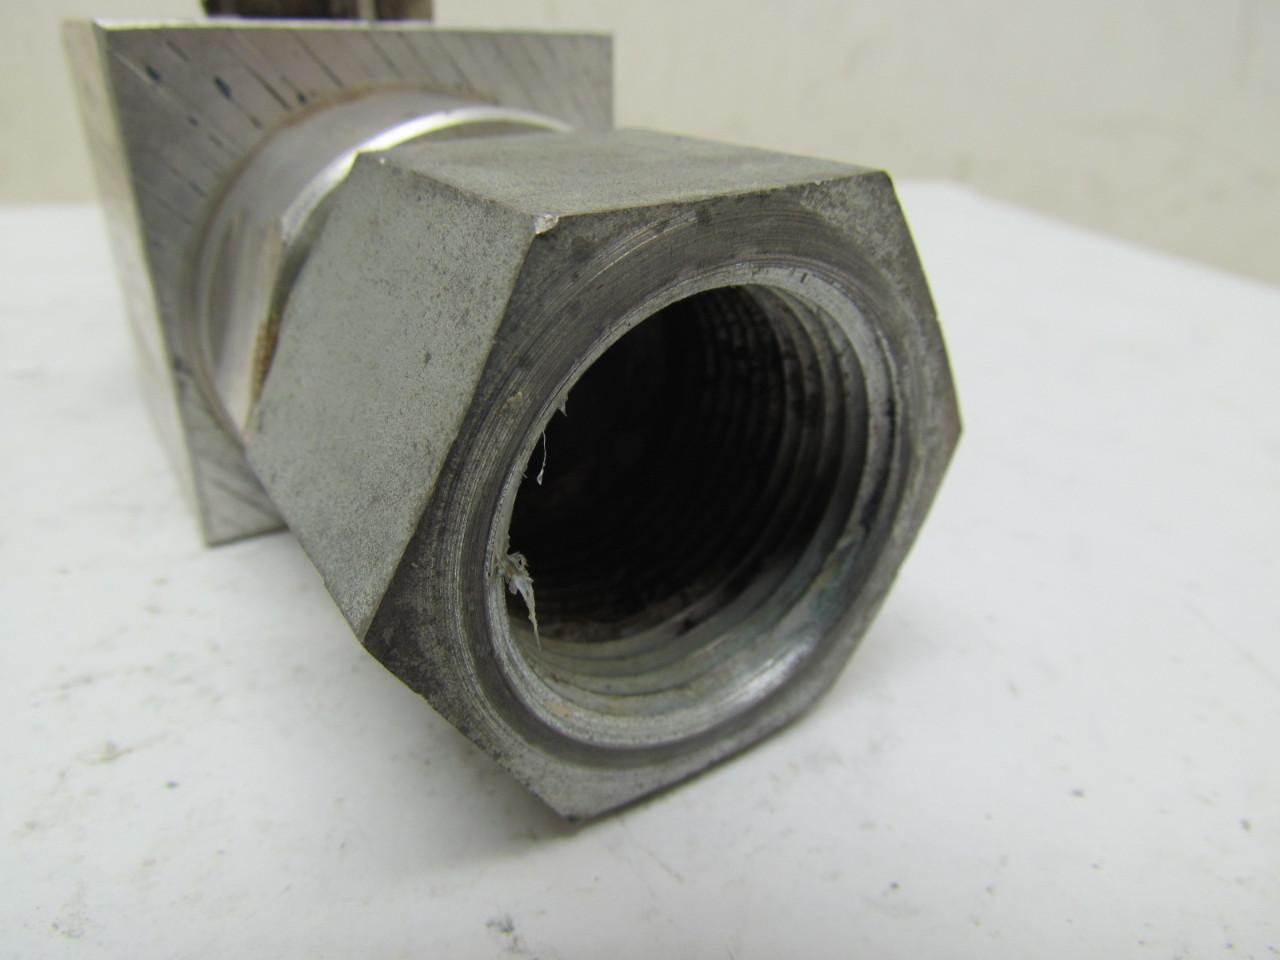 Dmic bval s quot aluminum ball valve full flow jic